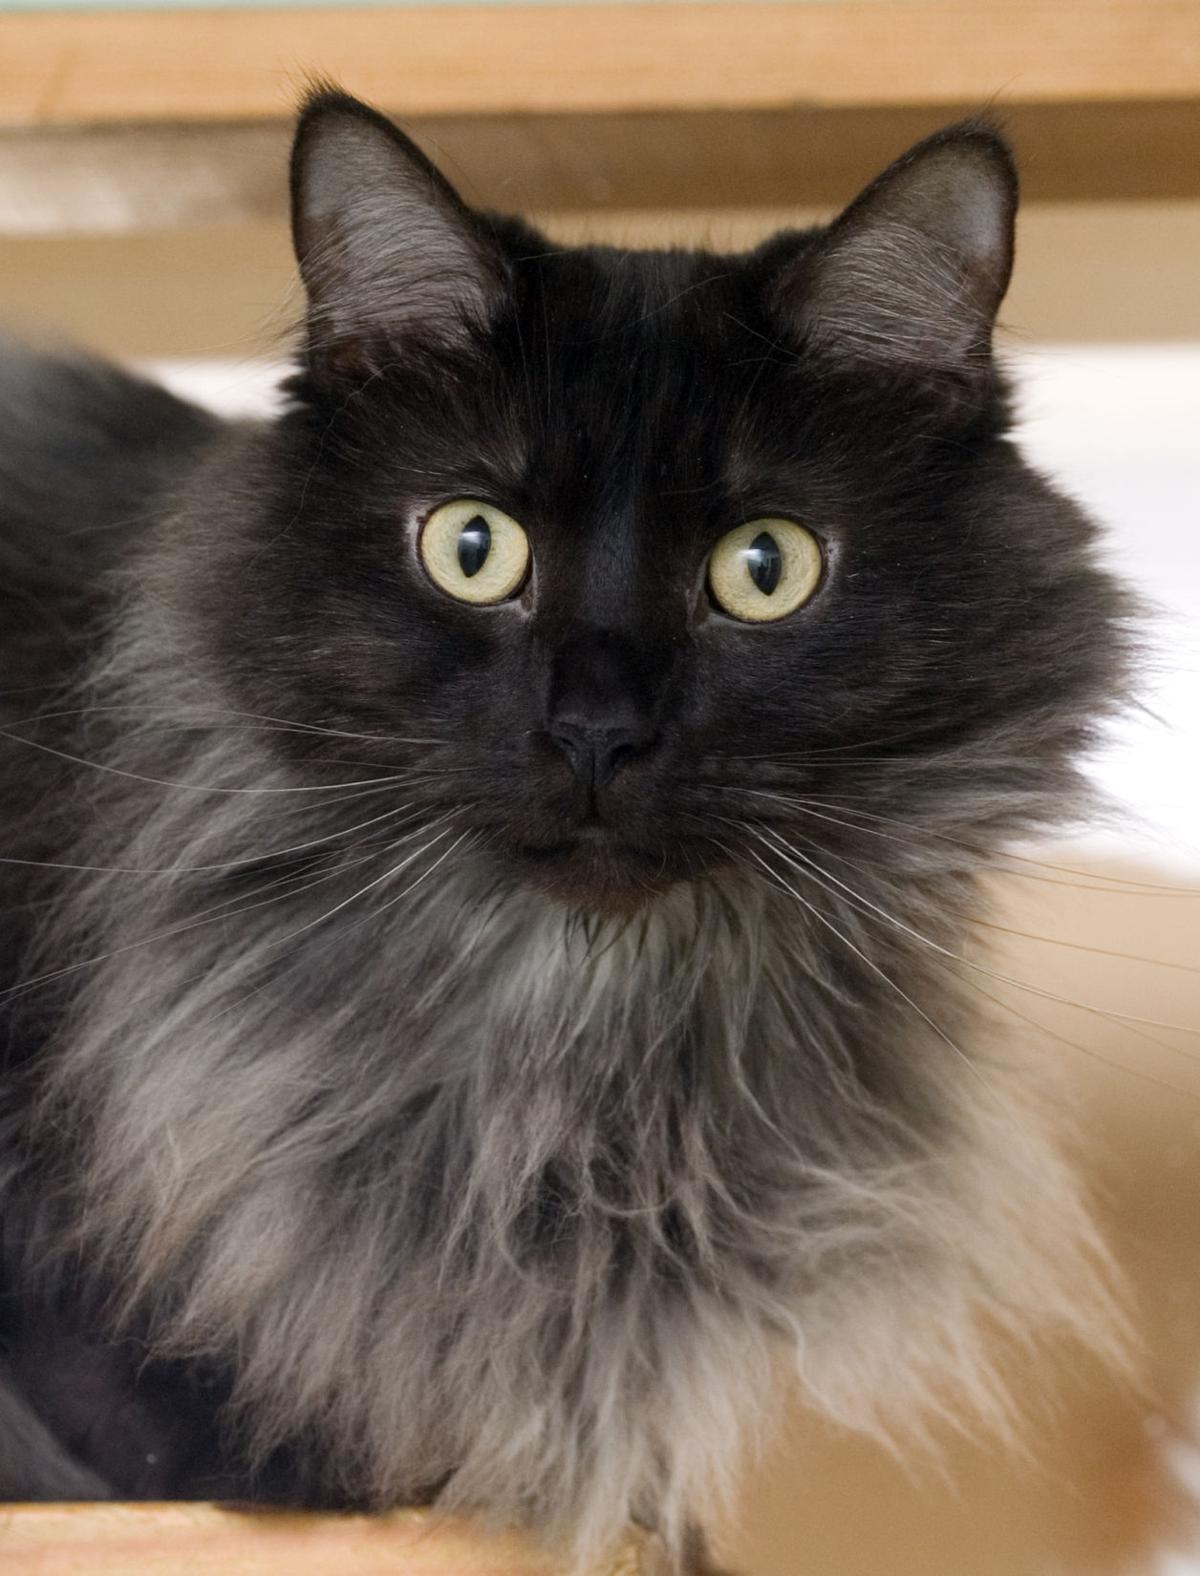 042515-mat-pets-cat-KK.jpg